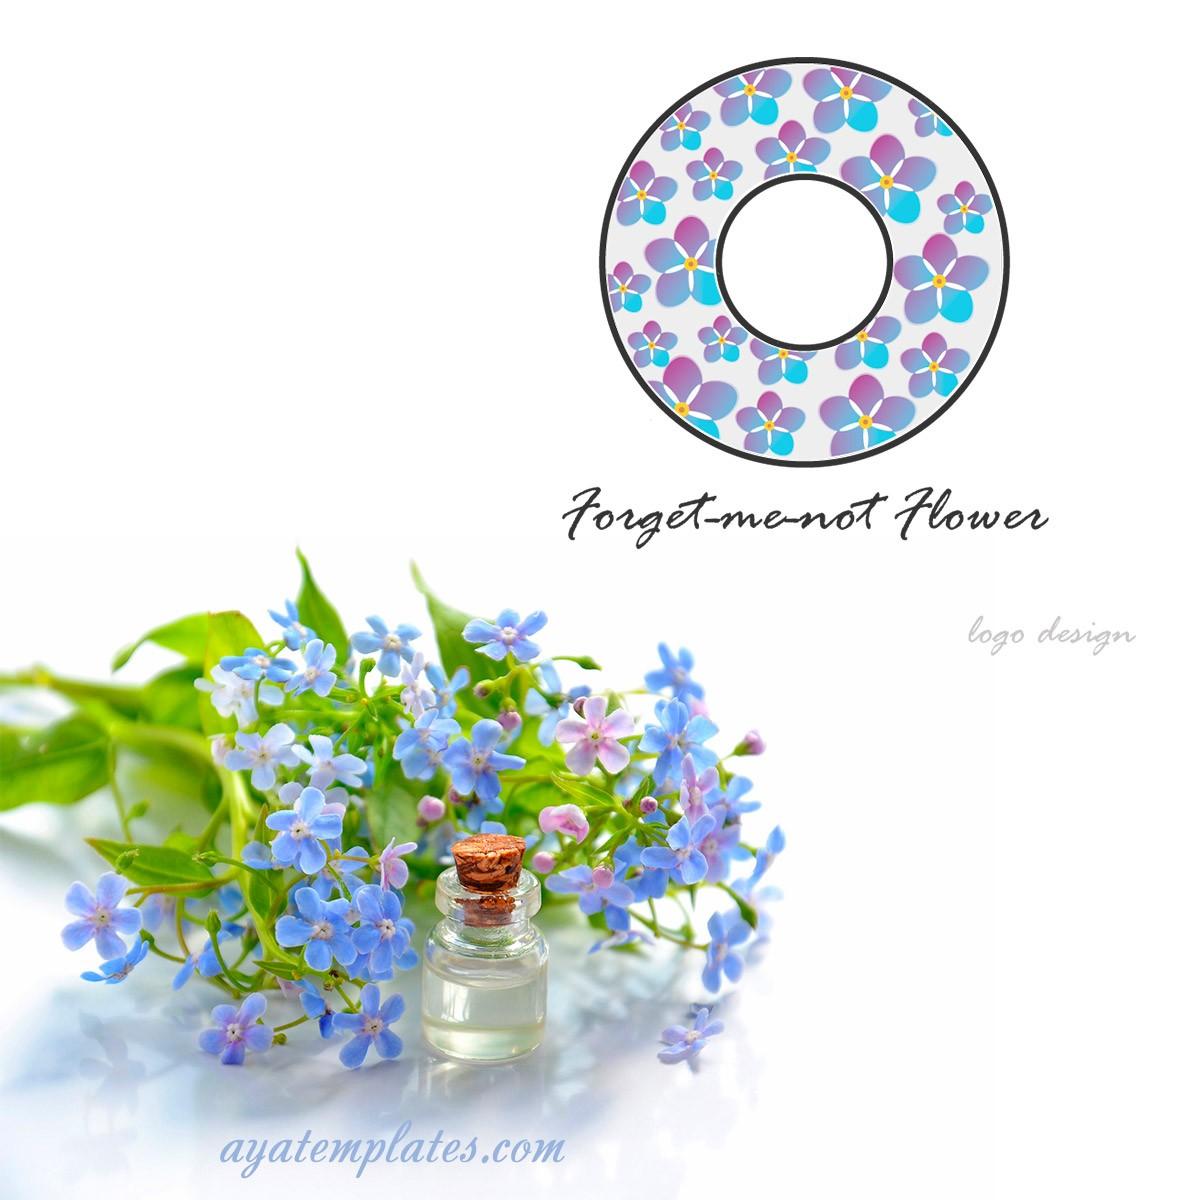 forget-me-not-flower-logo-design-mockup-ayatemplates